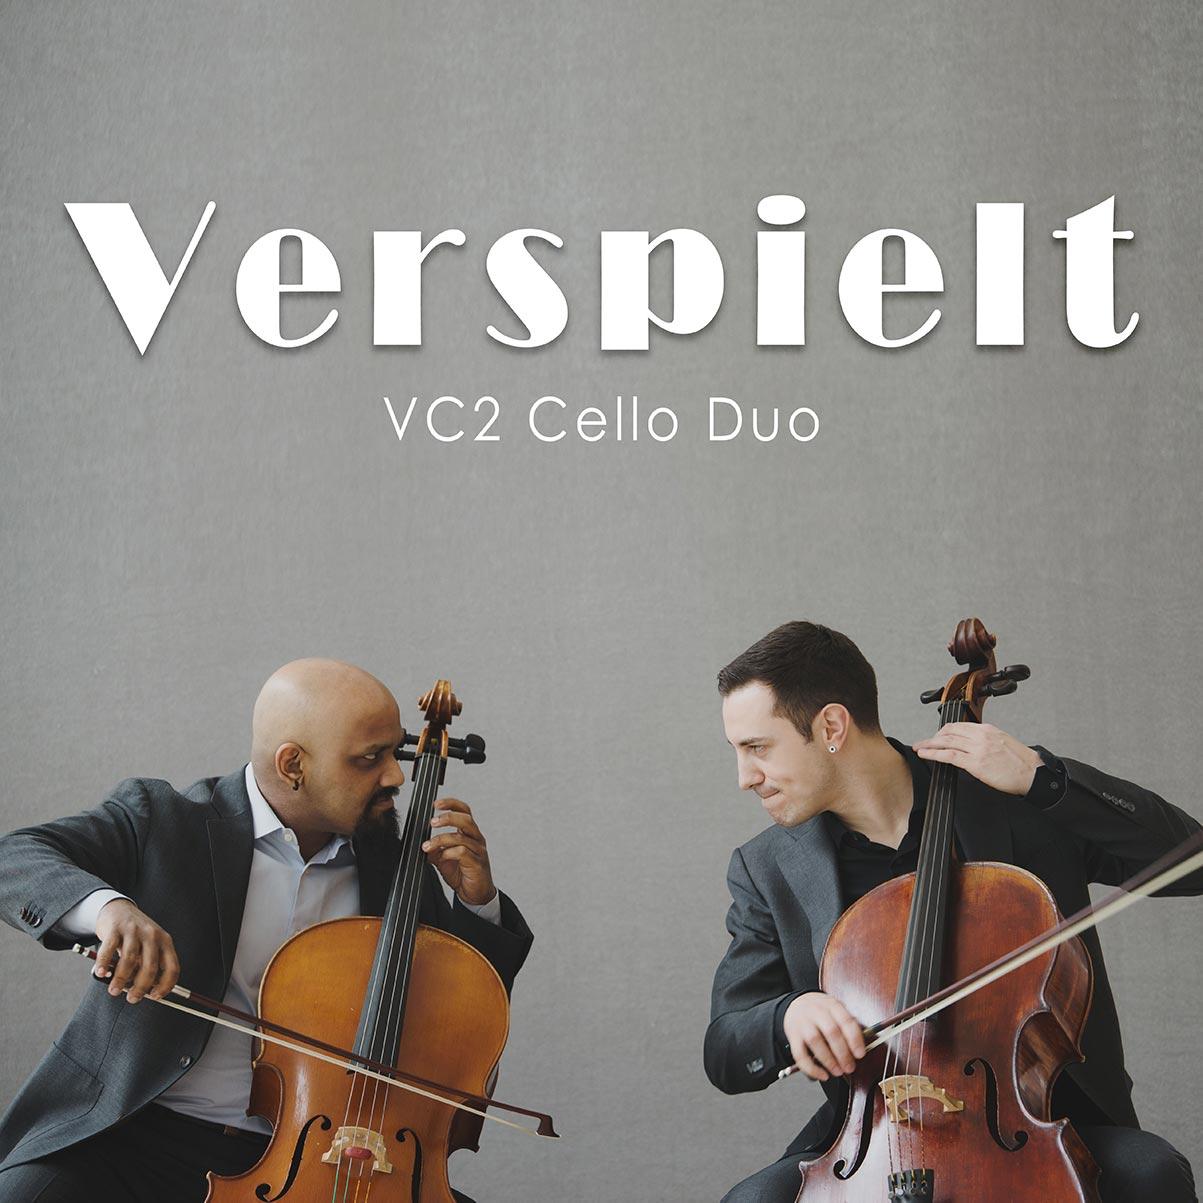 VC2 Cello Duo – Verspielt - Album art